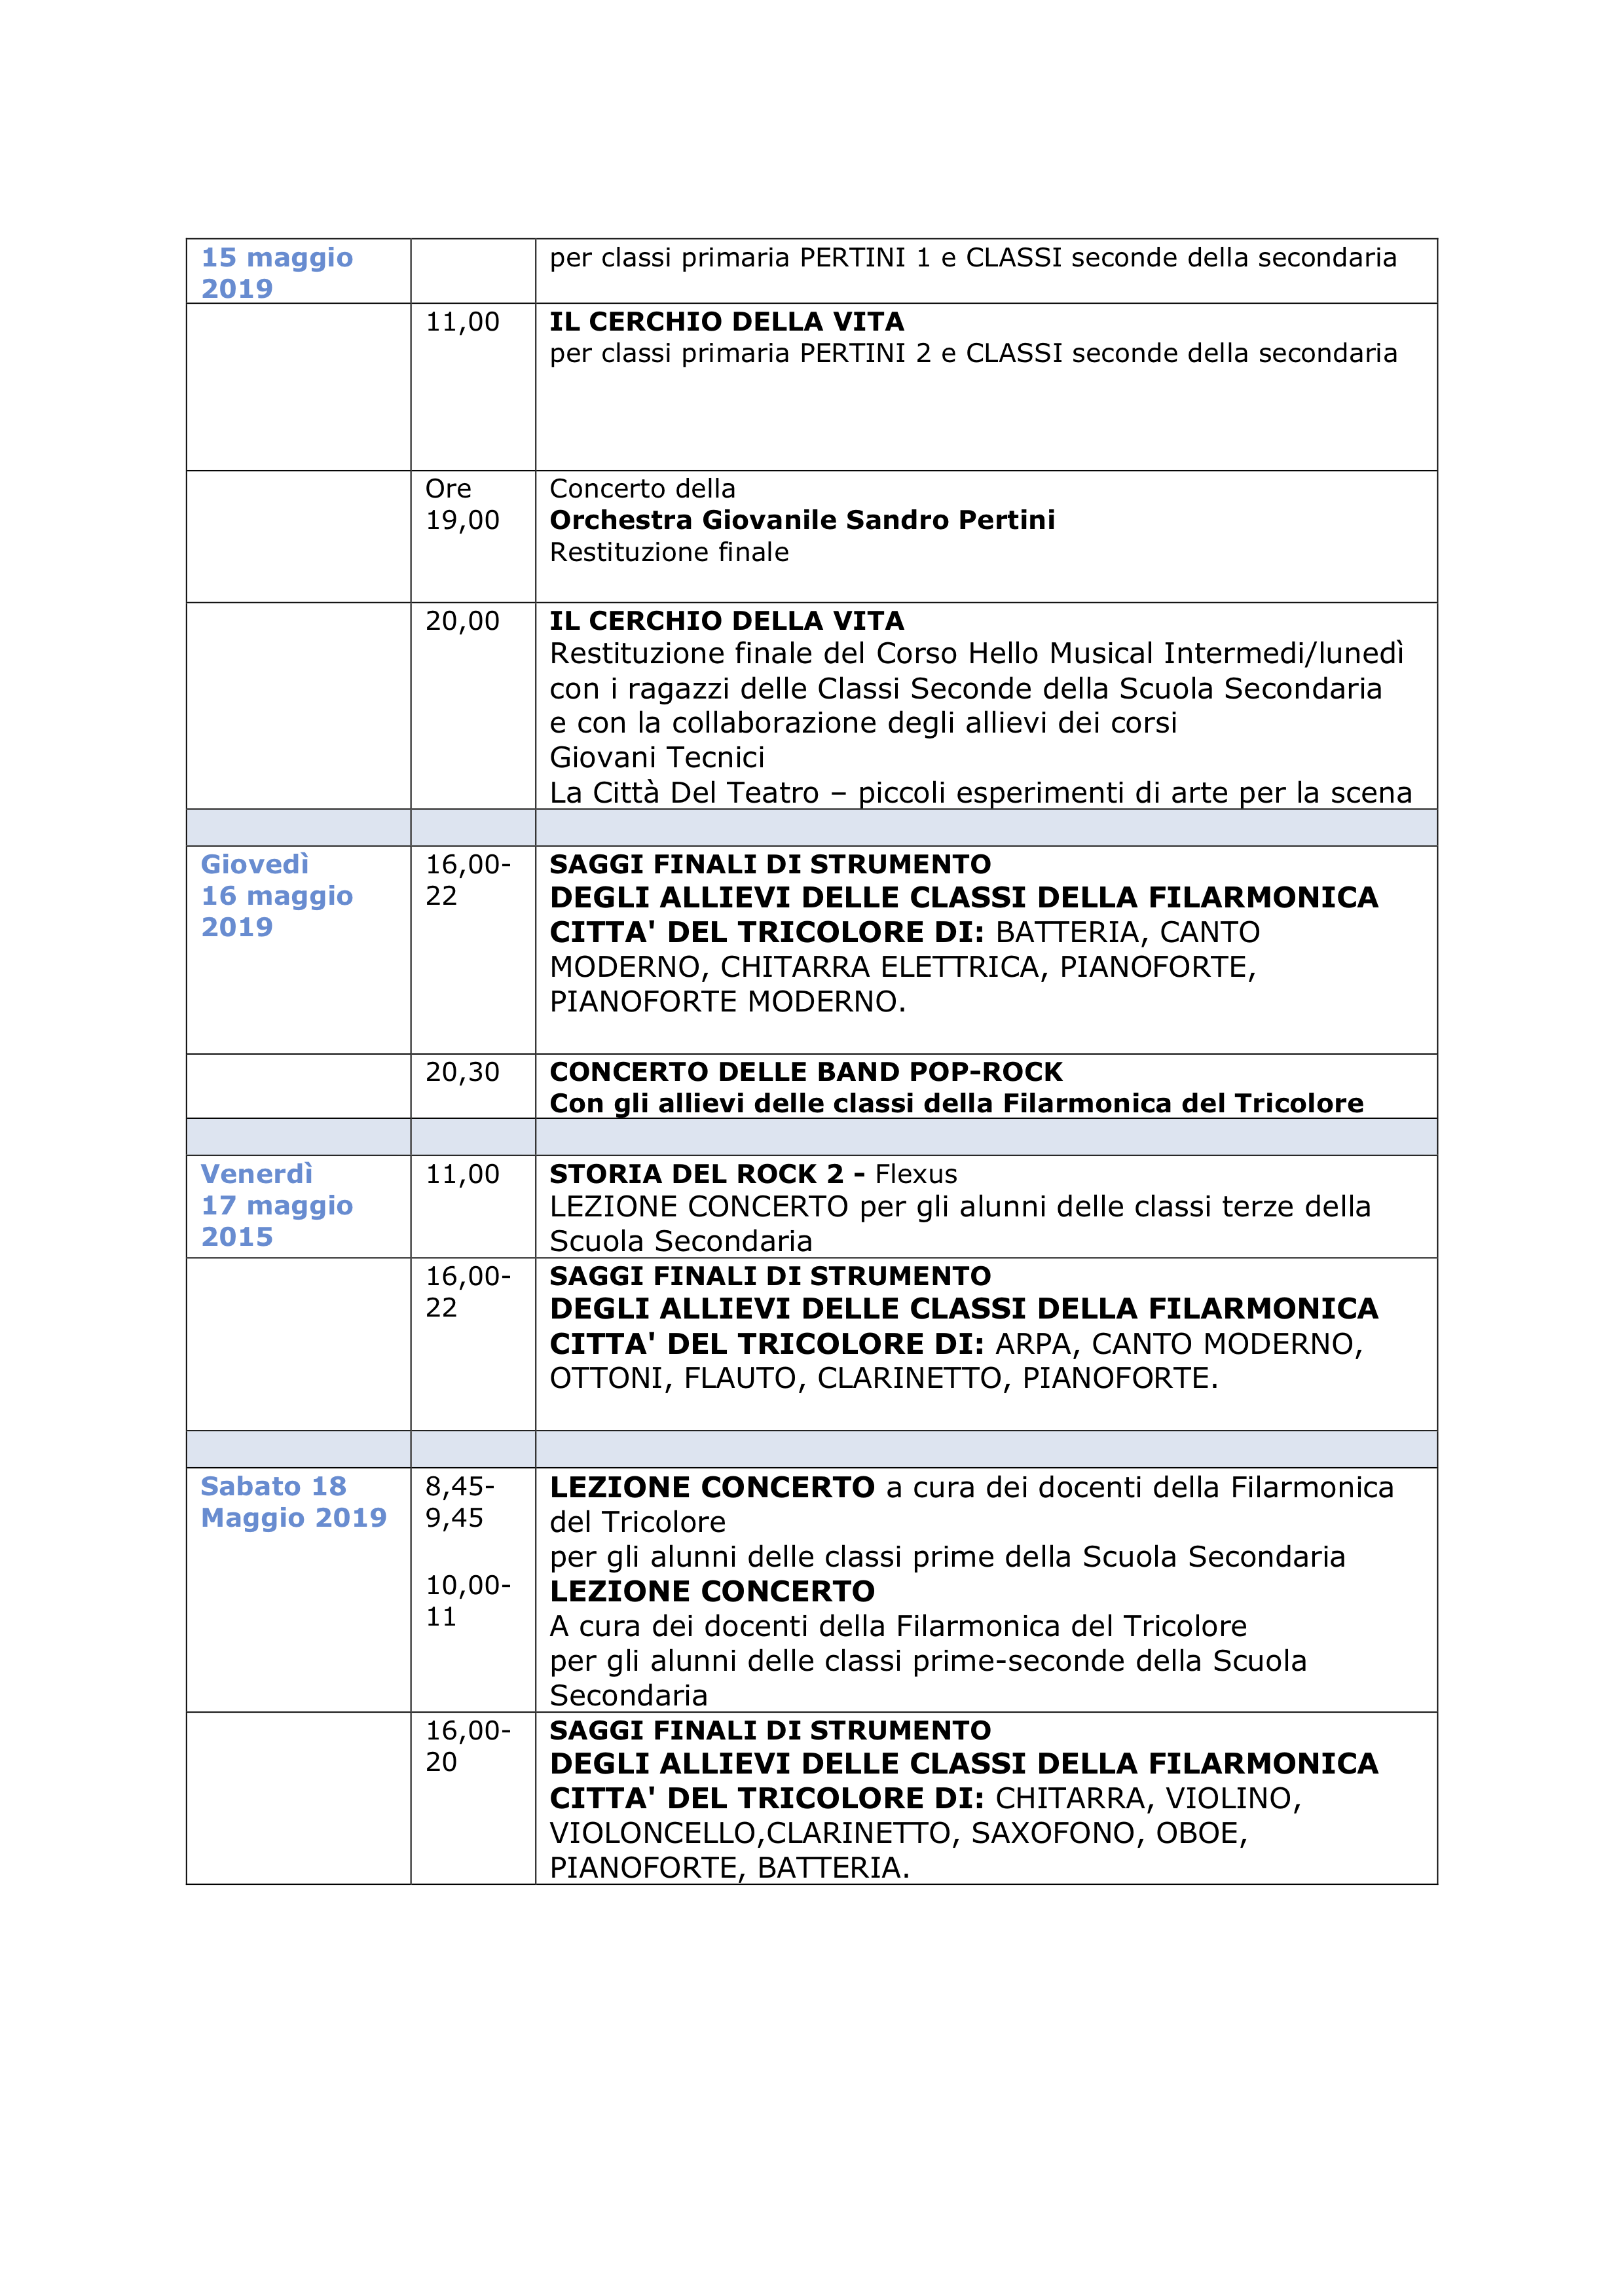 SETTIMANA DELL'ARTE 2018_2019 - Pag 2